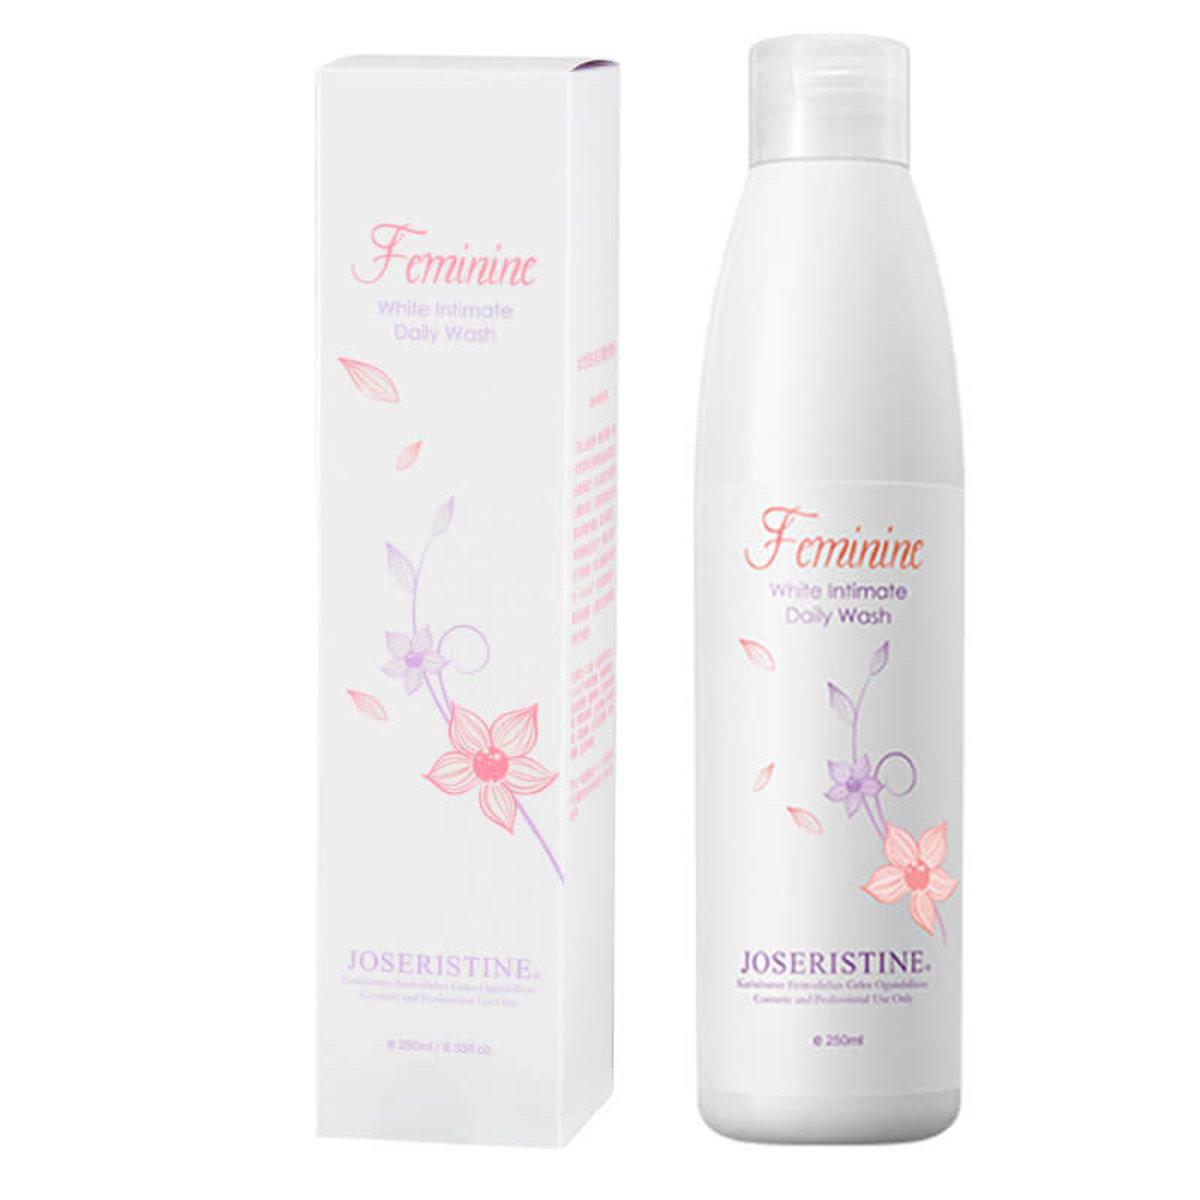 Feminine White Intimate Daily Wash